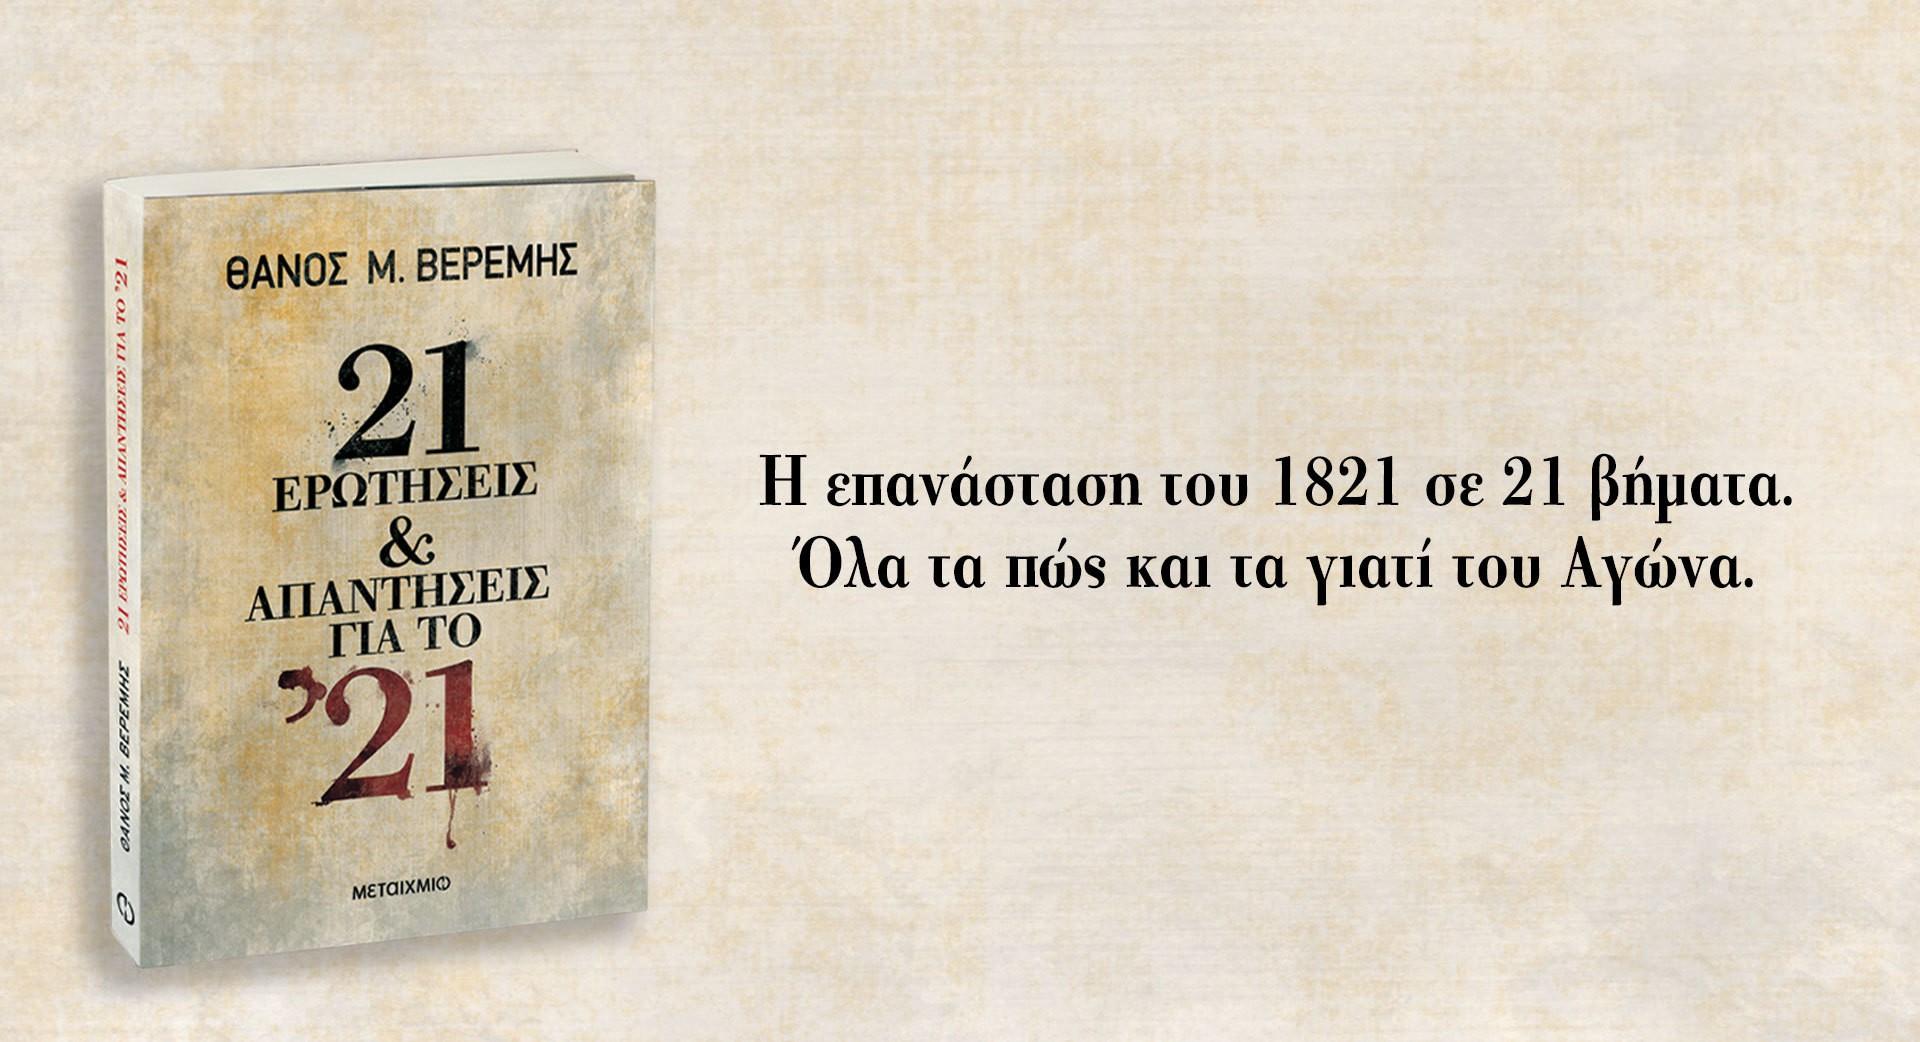 21 apantiseis gia to 1821 1920x1042